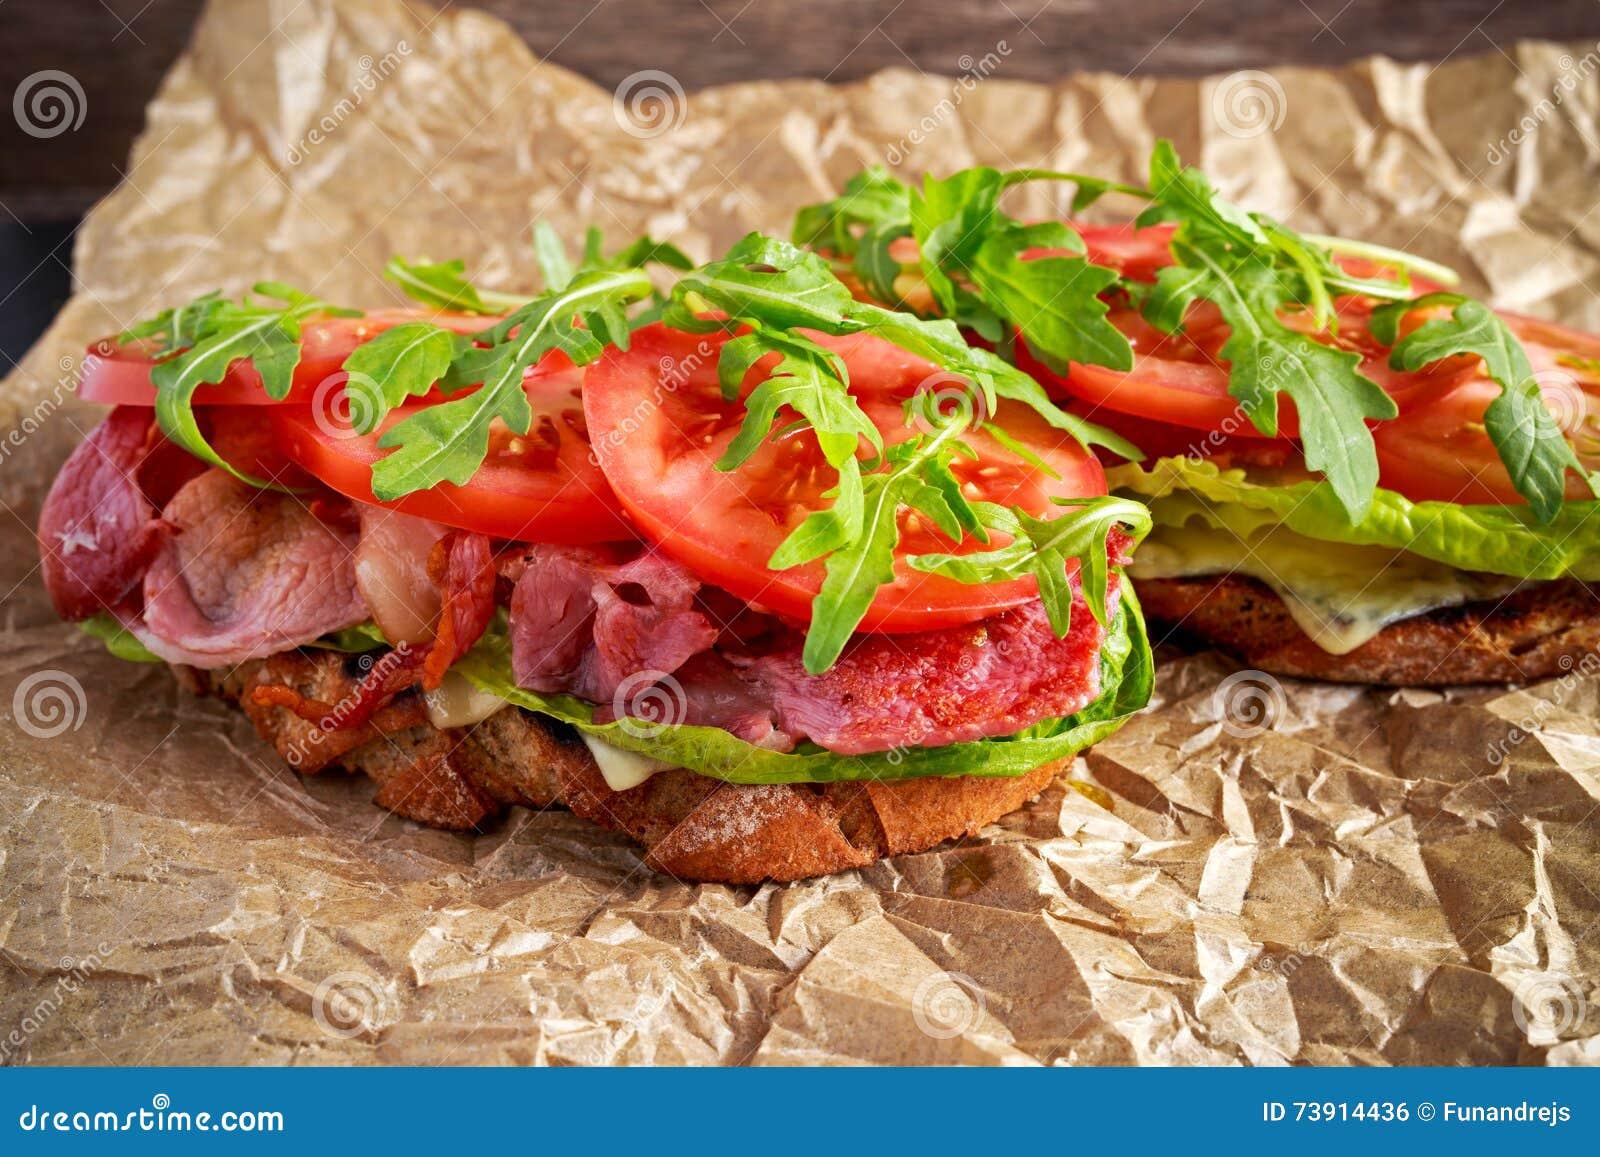 Sandwich fait maison frais à BLT sur le pain grillé avec le lard, la laitue, la tomate de boeuf, les oignons rouges, la fusée sau